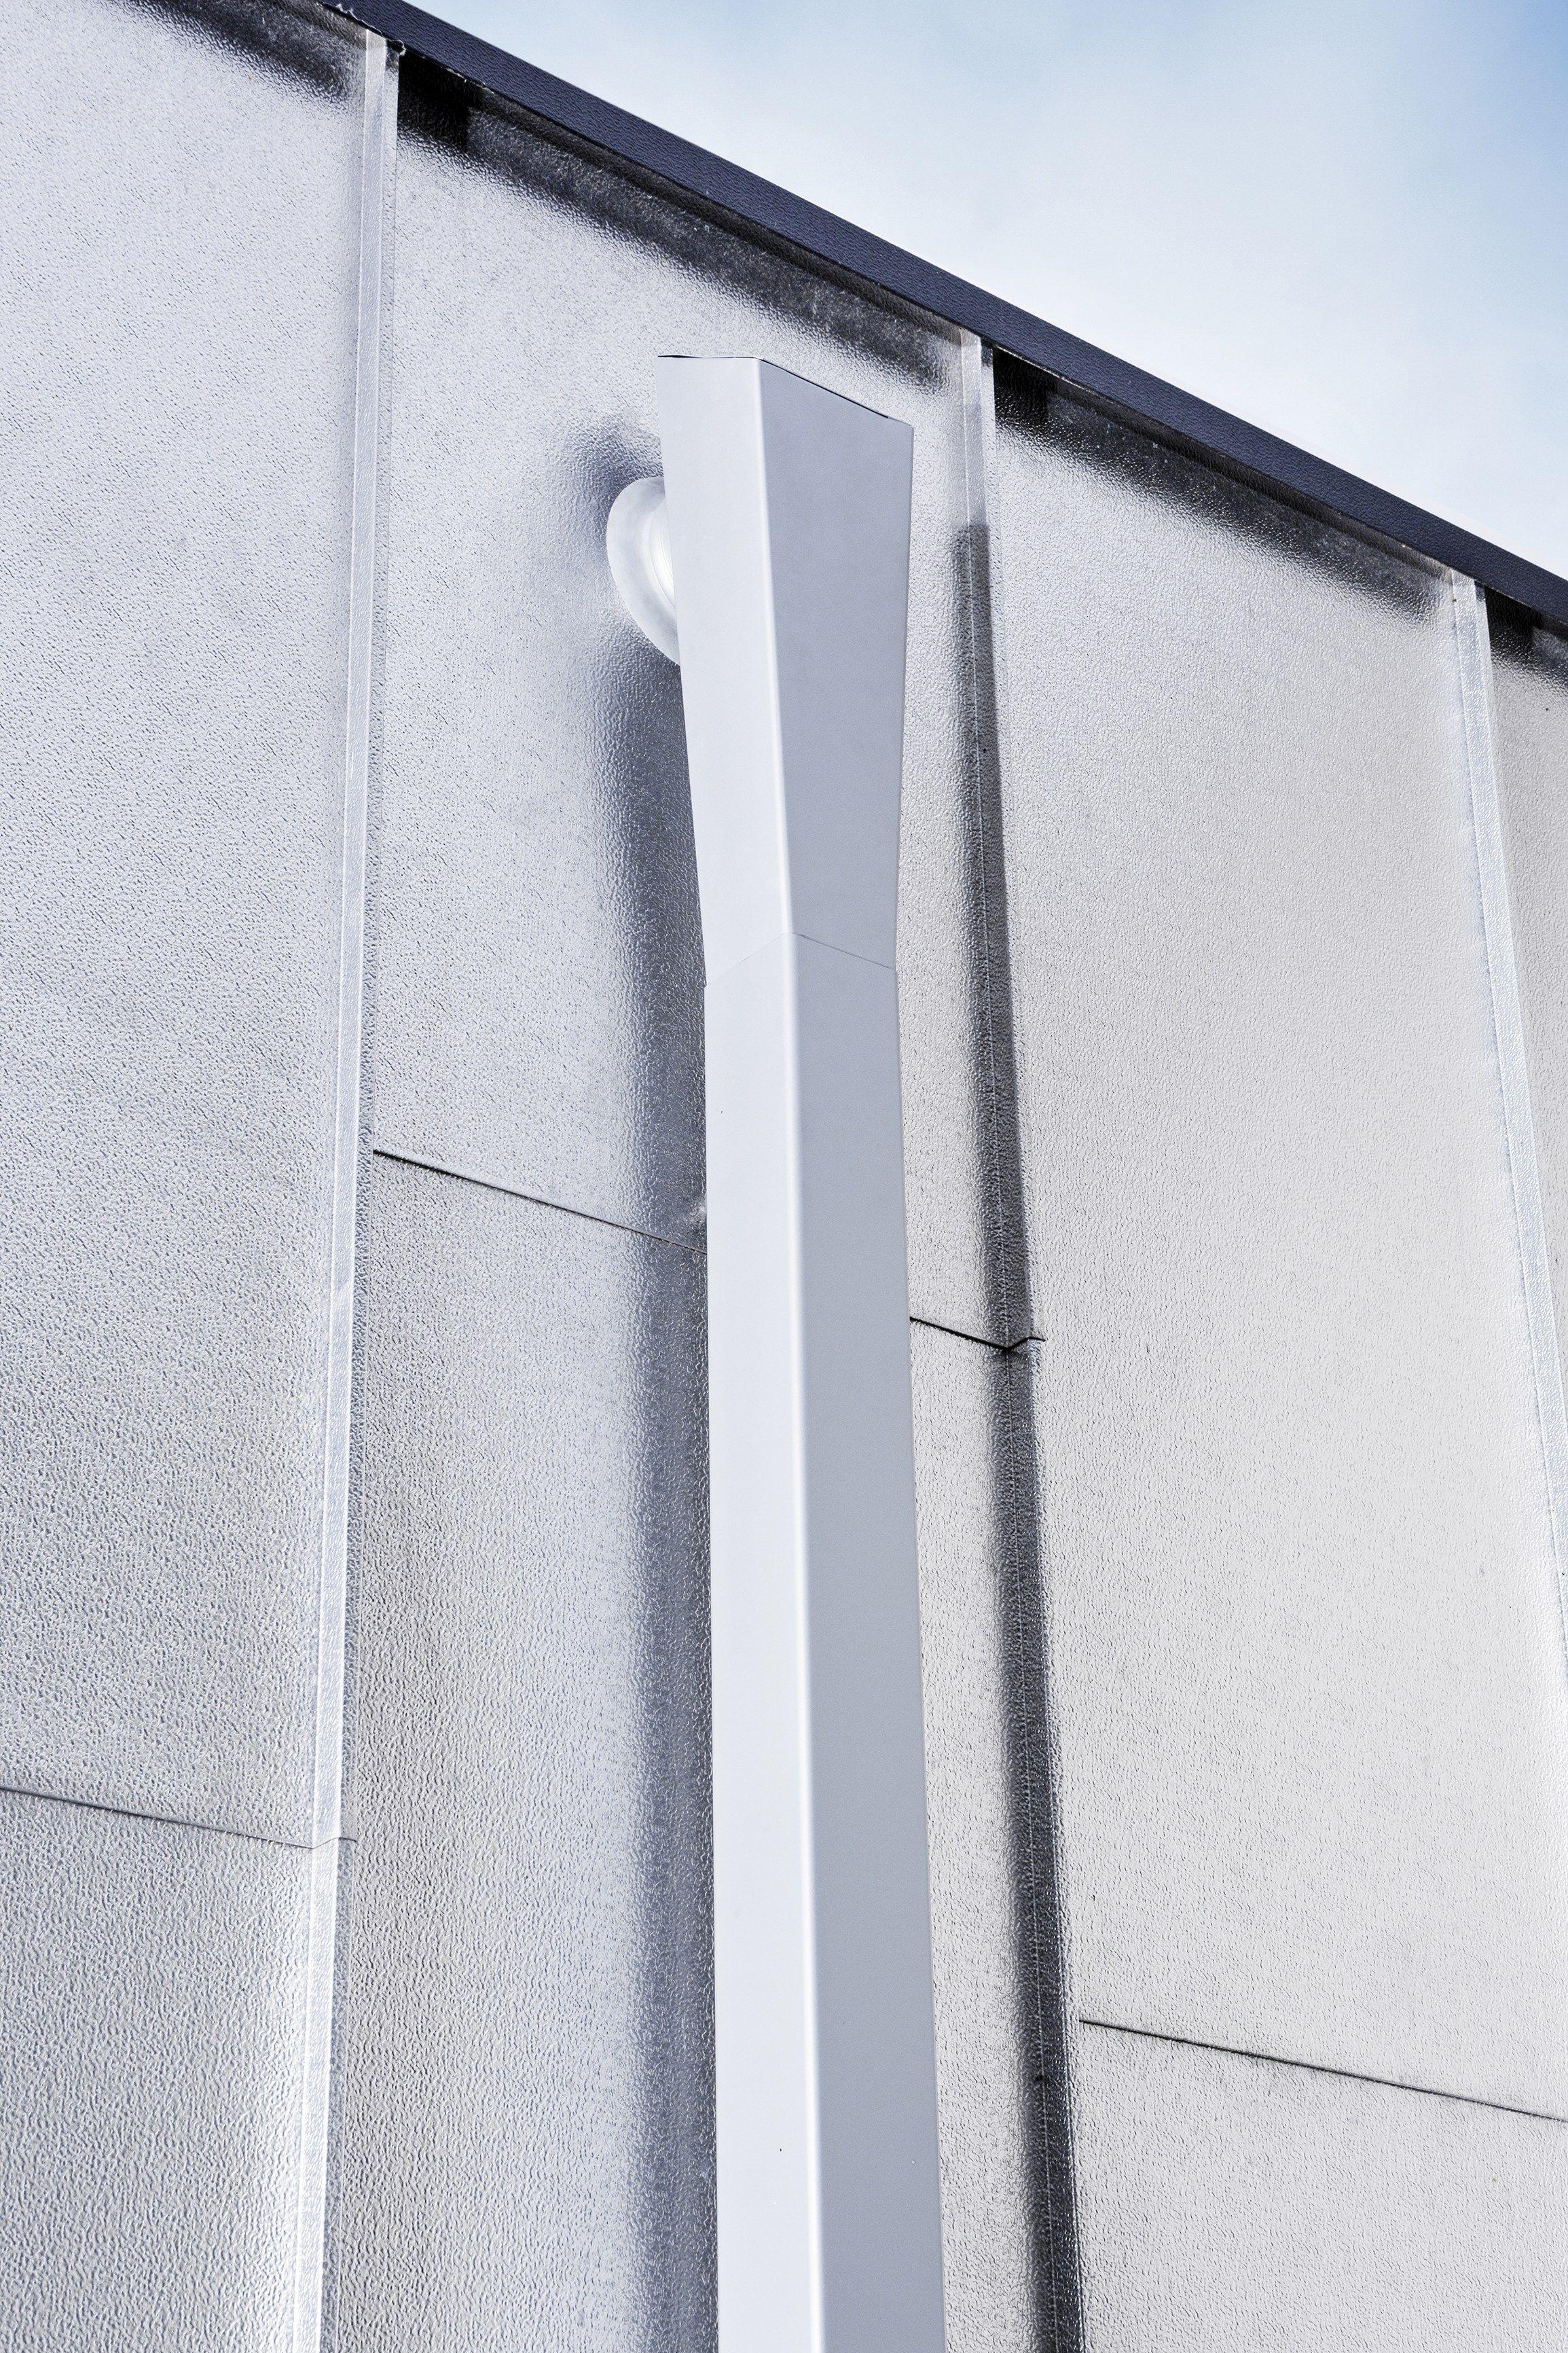 Goutti re PVC - CASTORAMA